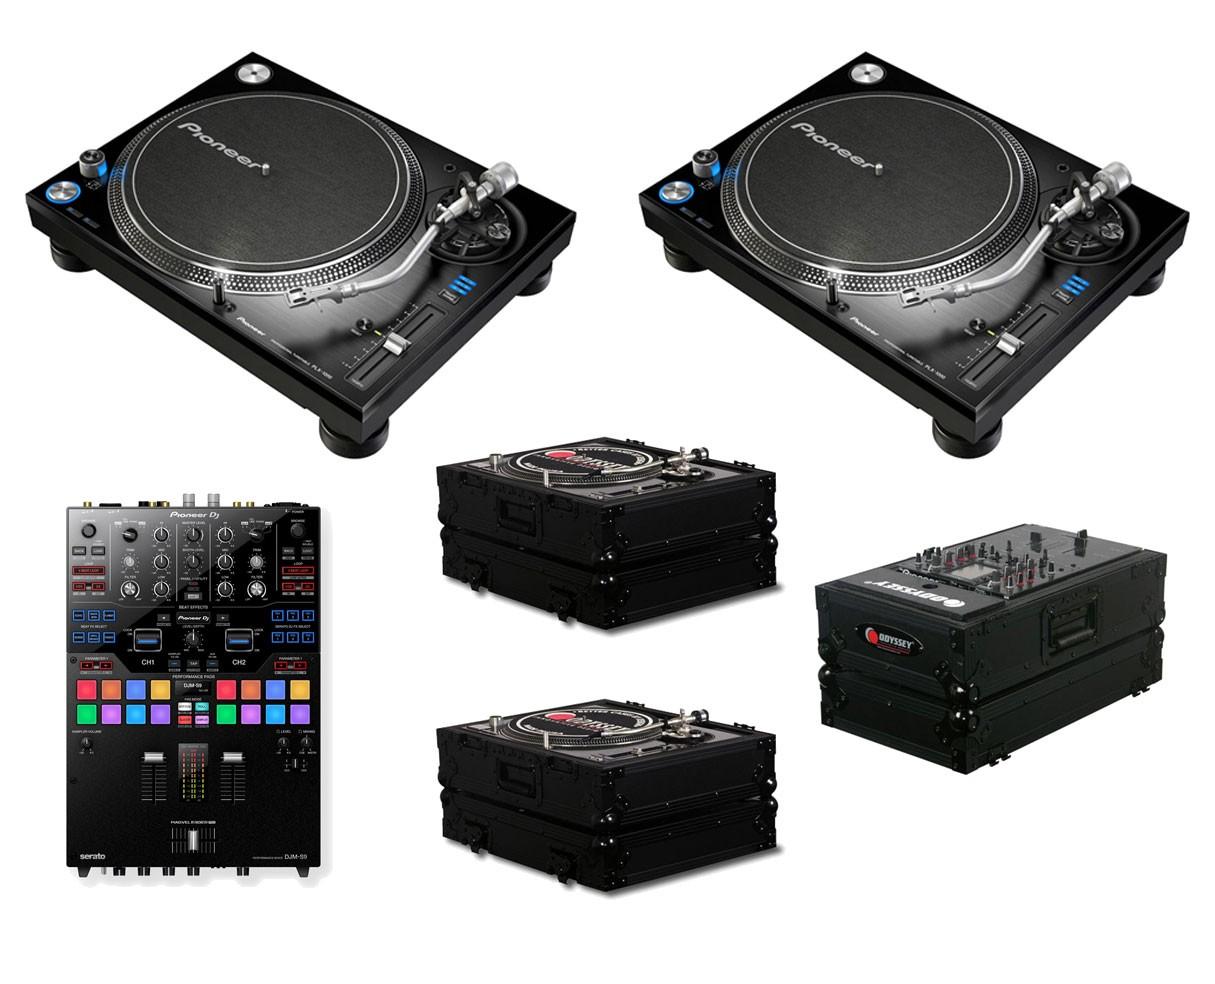 2x Pioneer PLX-1000 + DJM-S9 + Odyssey Black Label Cases